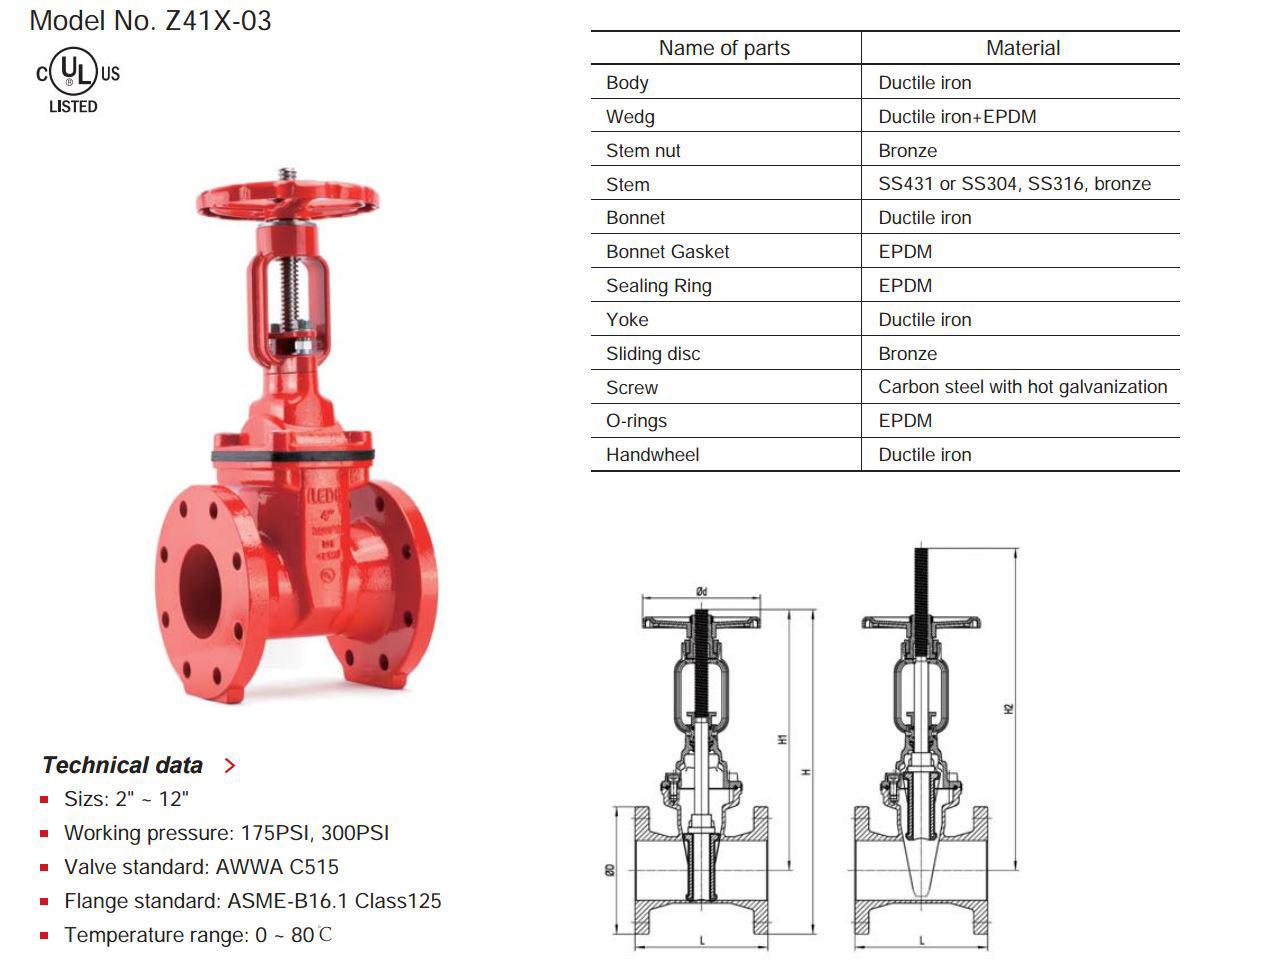 Valvesfiregateosyflanged lede interprise din f4 resilient seated osy gate valve flange end model no z41x 01 pooptronica Images